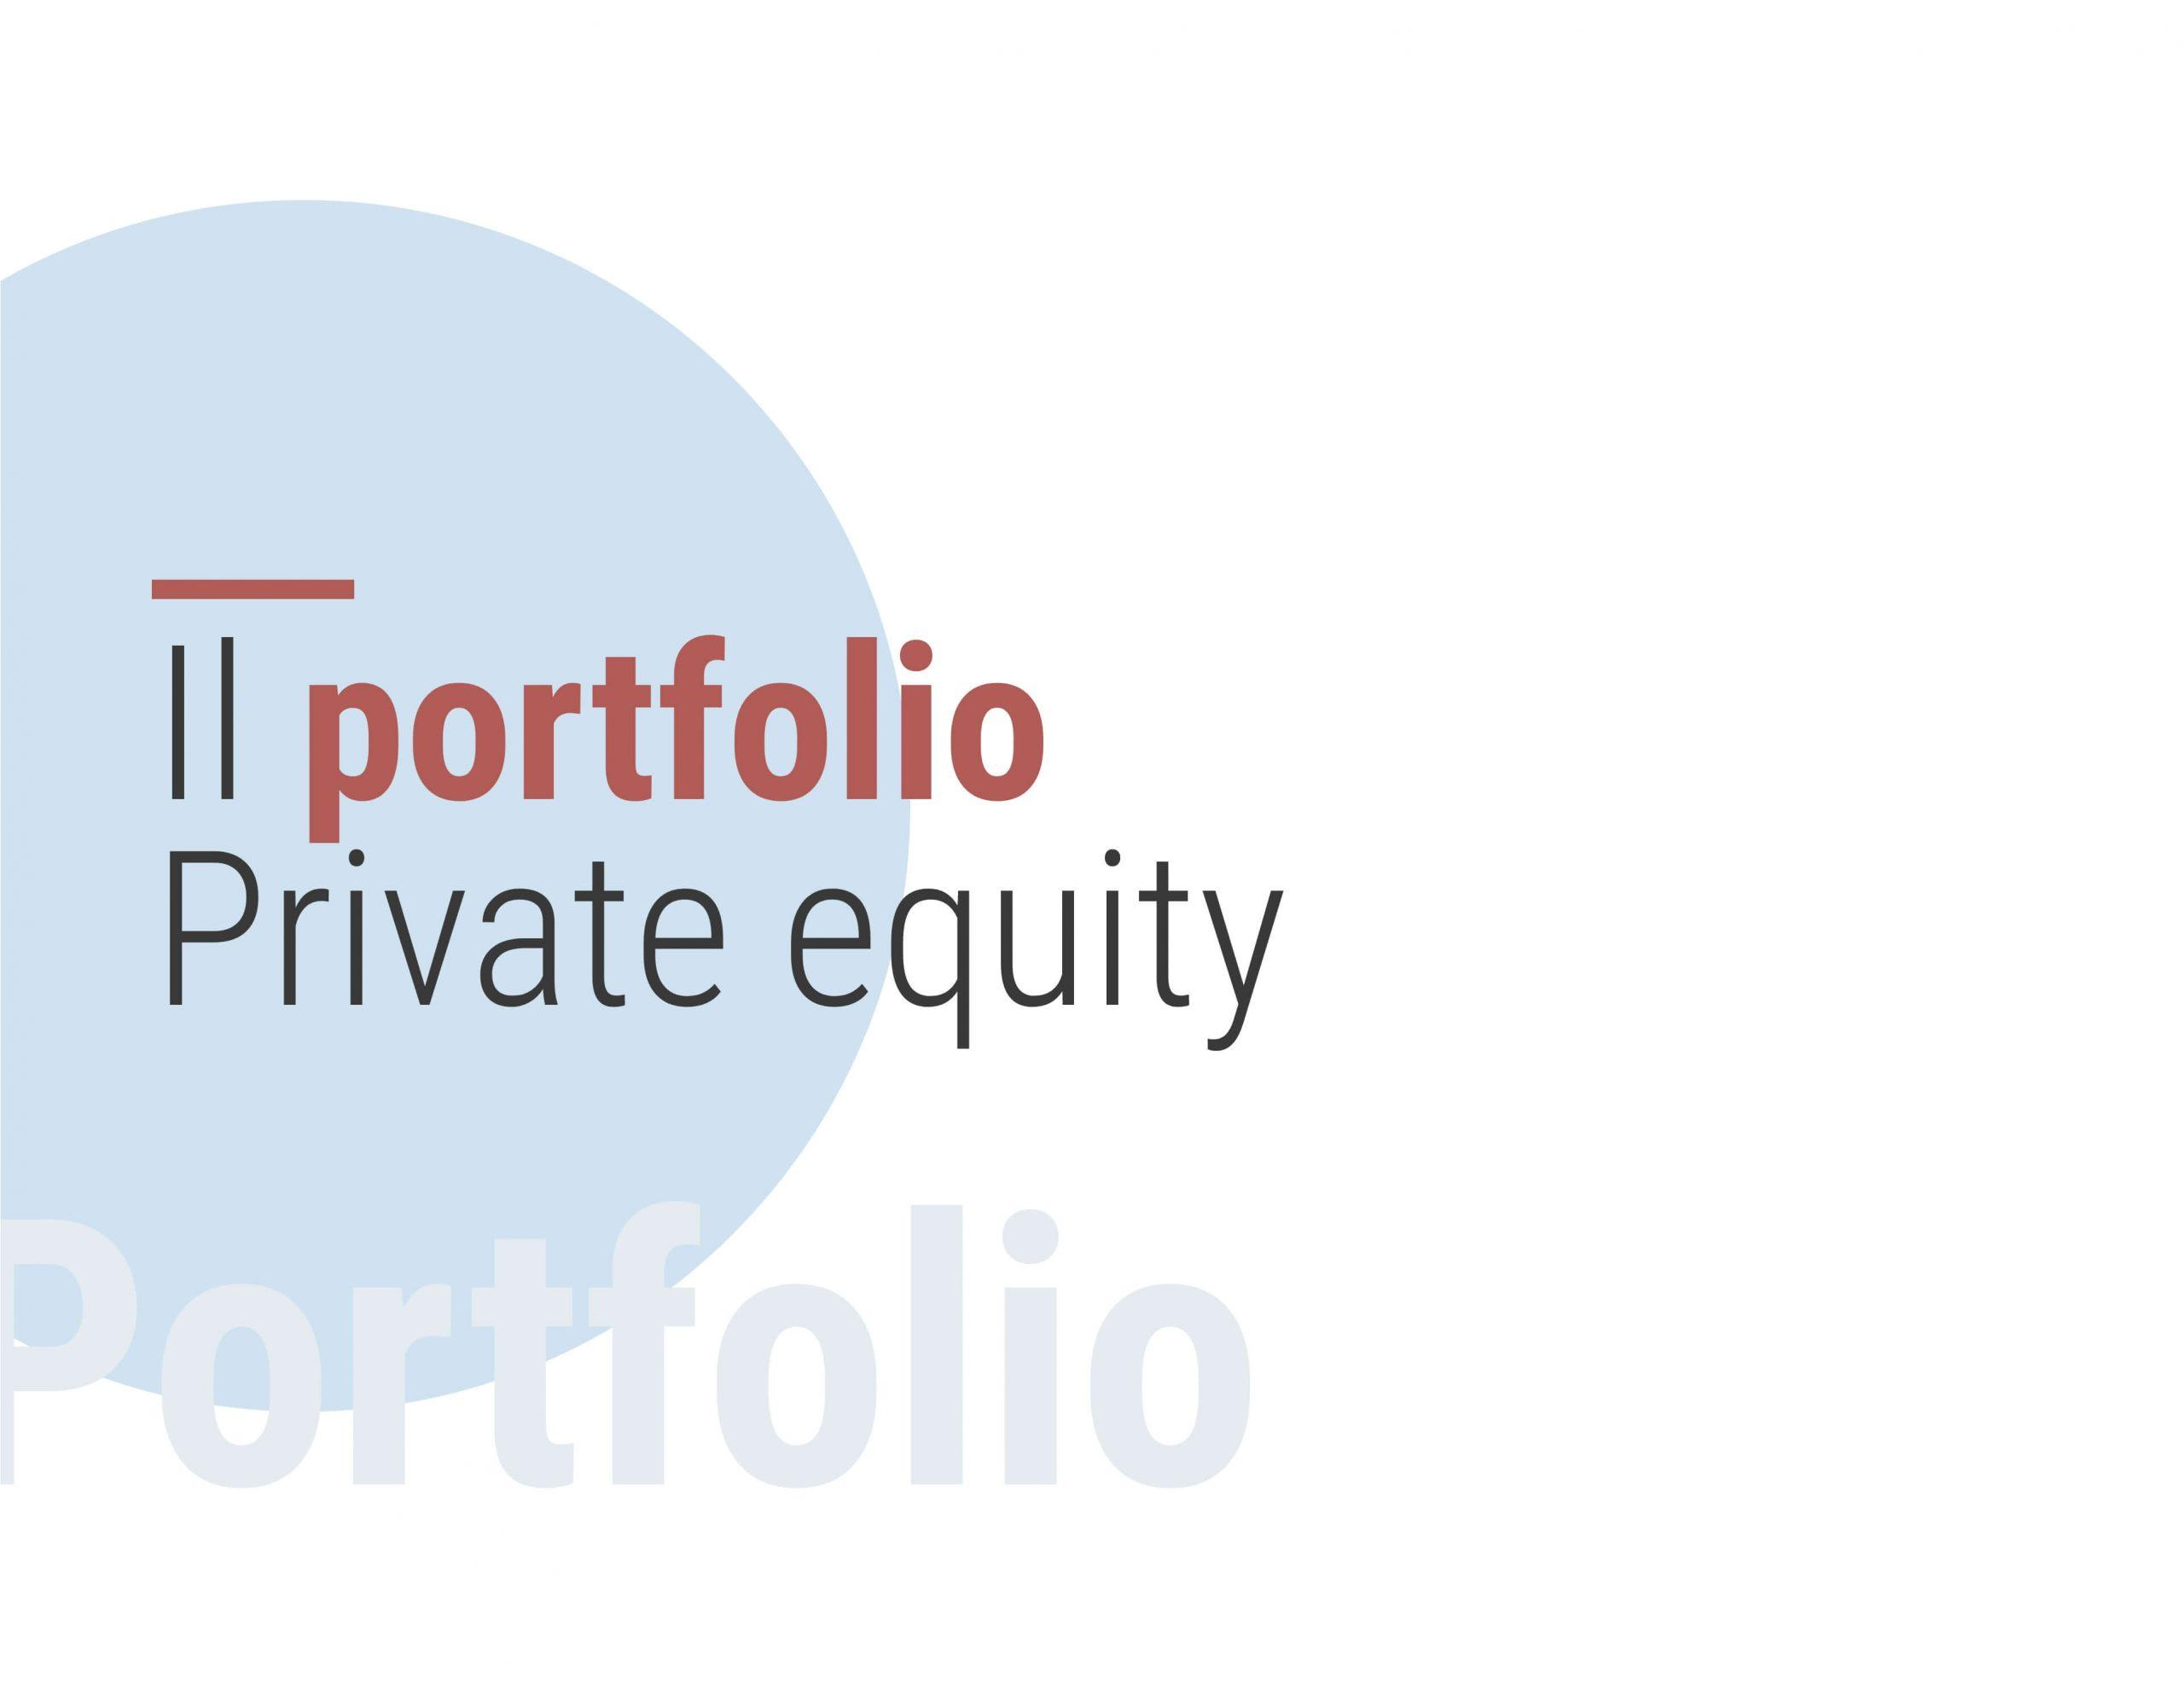 Il portfolio Private equity